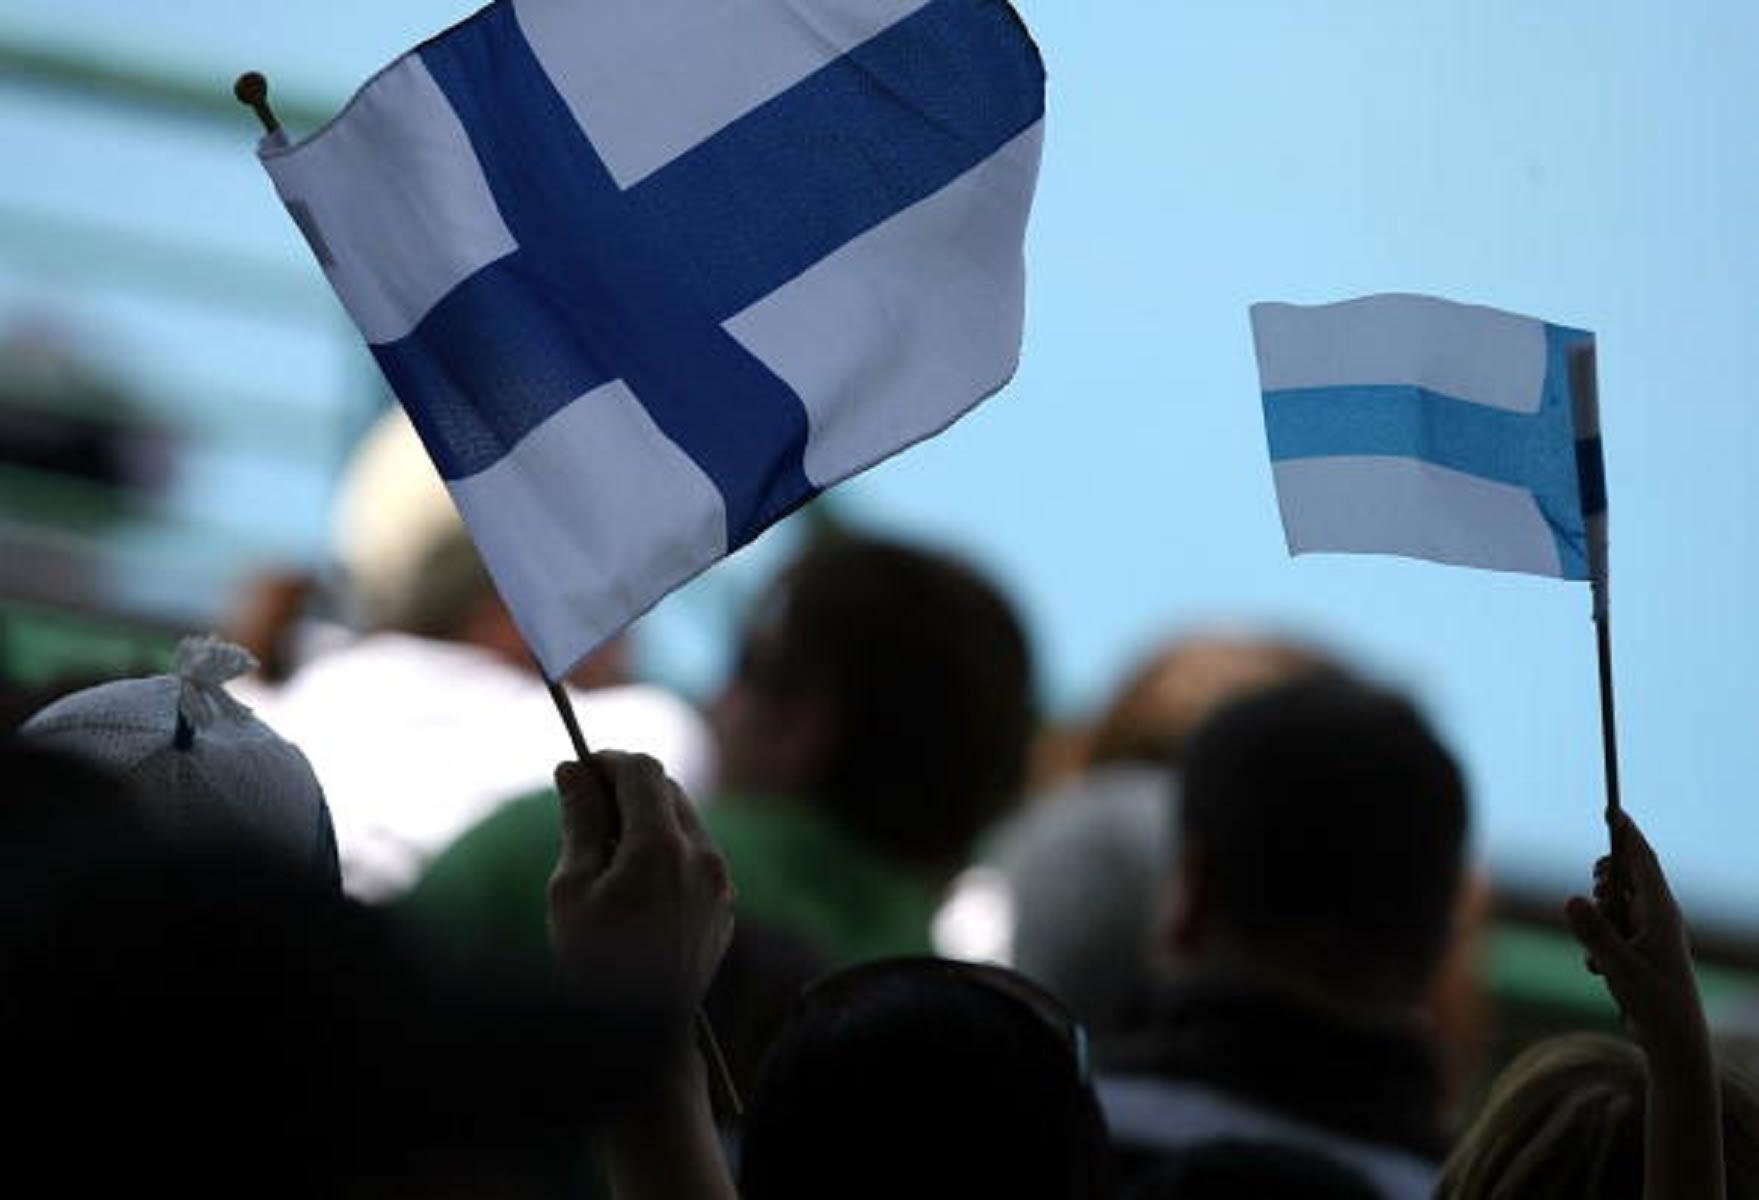 فنلندا توقف صفقات الأسلحة مع السعودية والإمارات